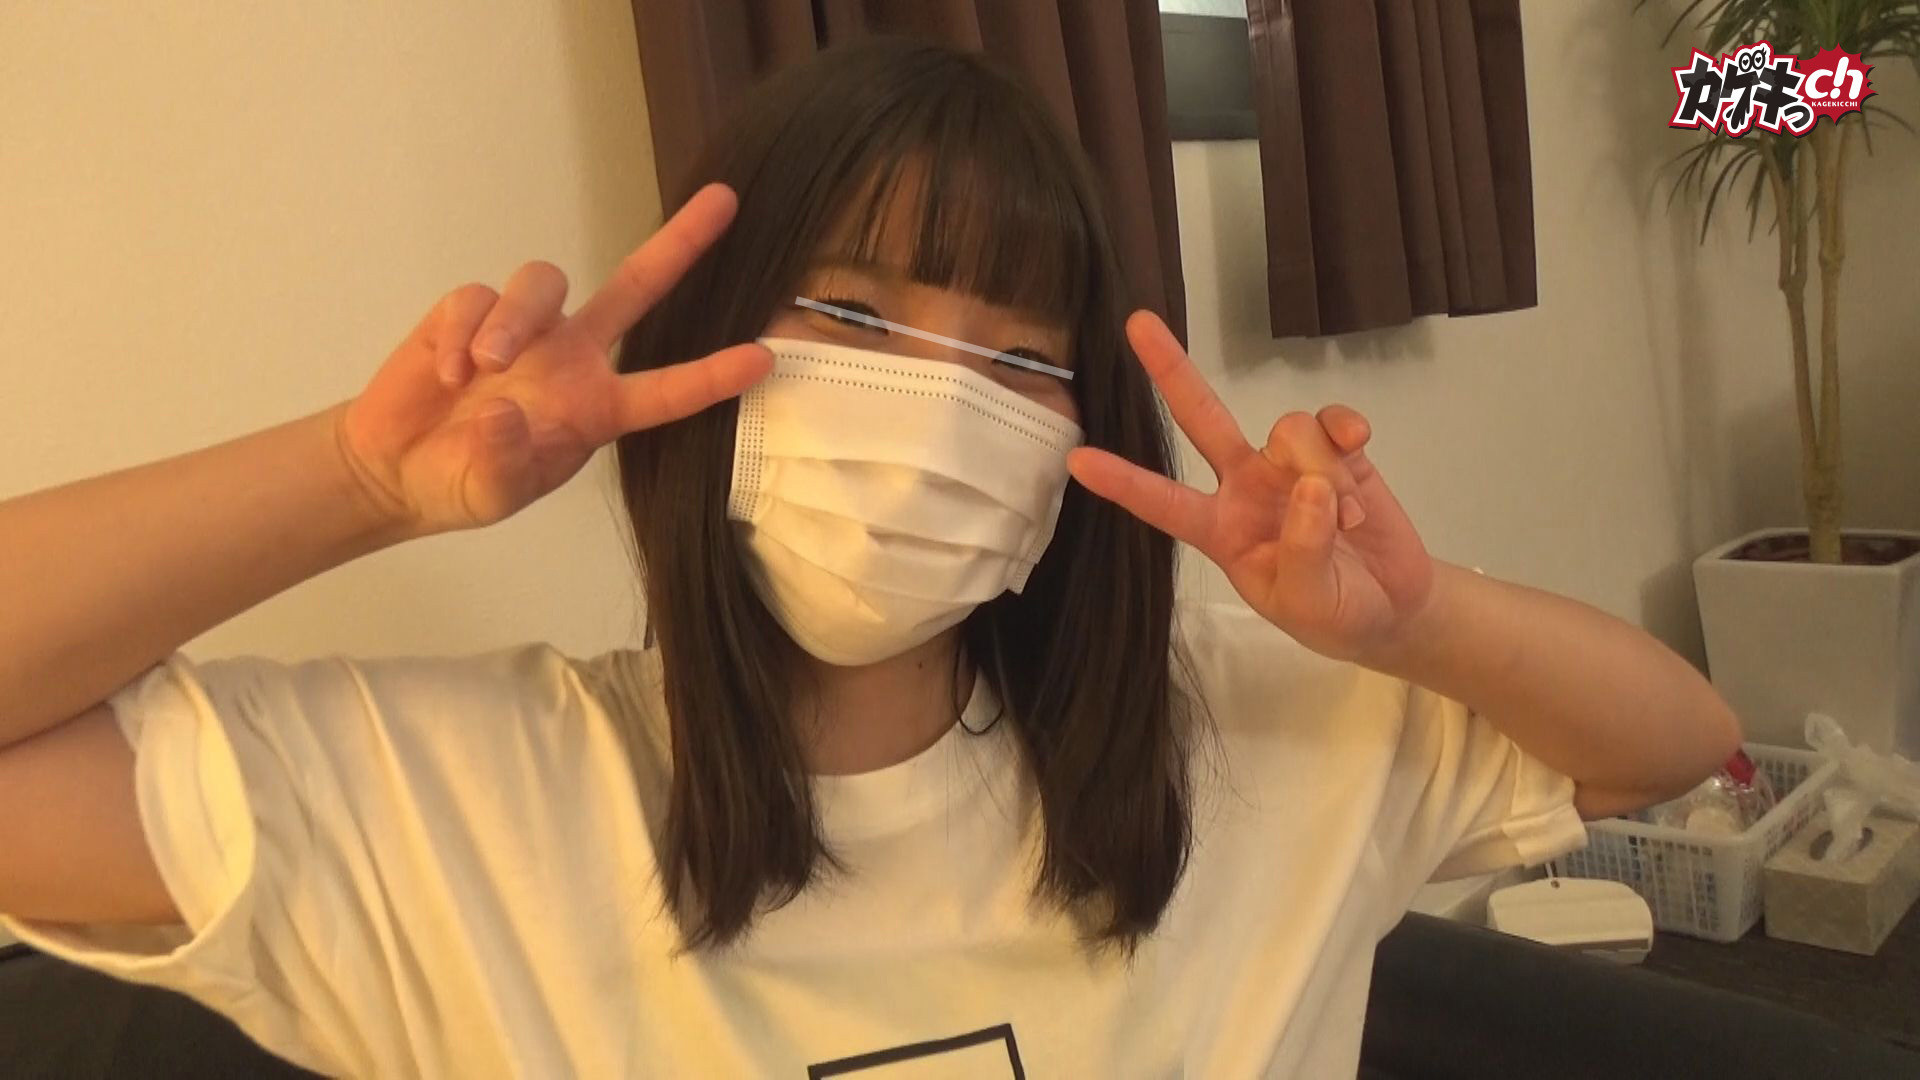 ニンゲン観察 エロ動画サイトの個人撮影にわざわざ田舎から上京してまで志願してきた、地味そうに見えて性欲沸騰してる欲求不満女のハメ撮りSEX 画像5